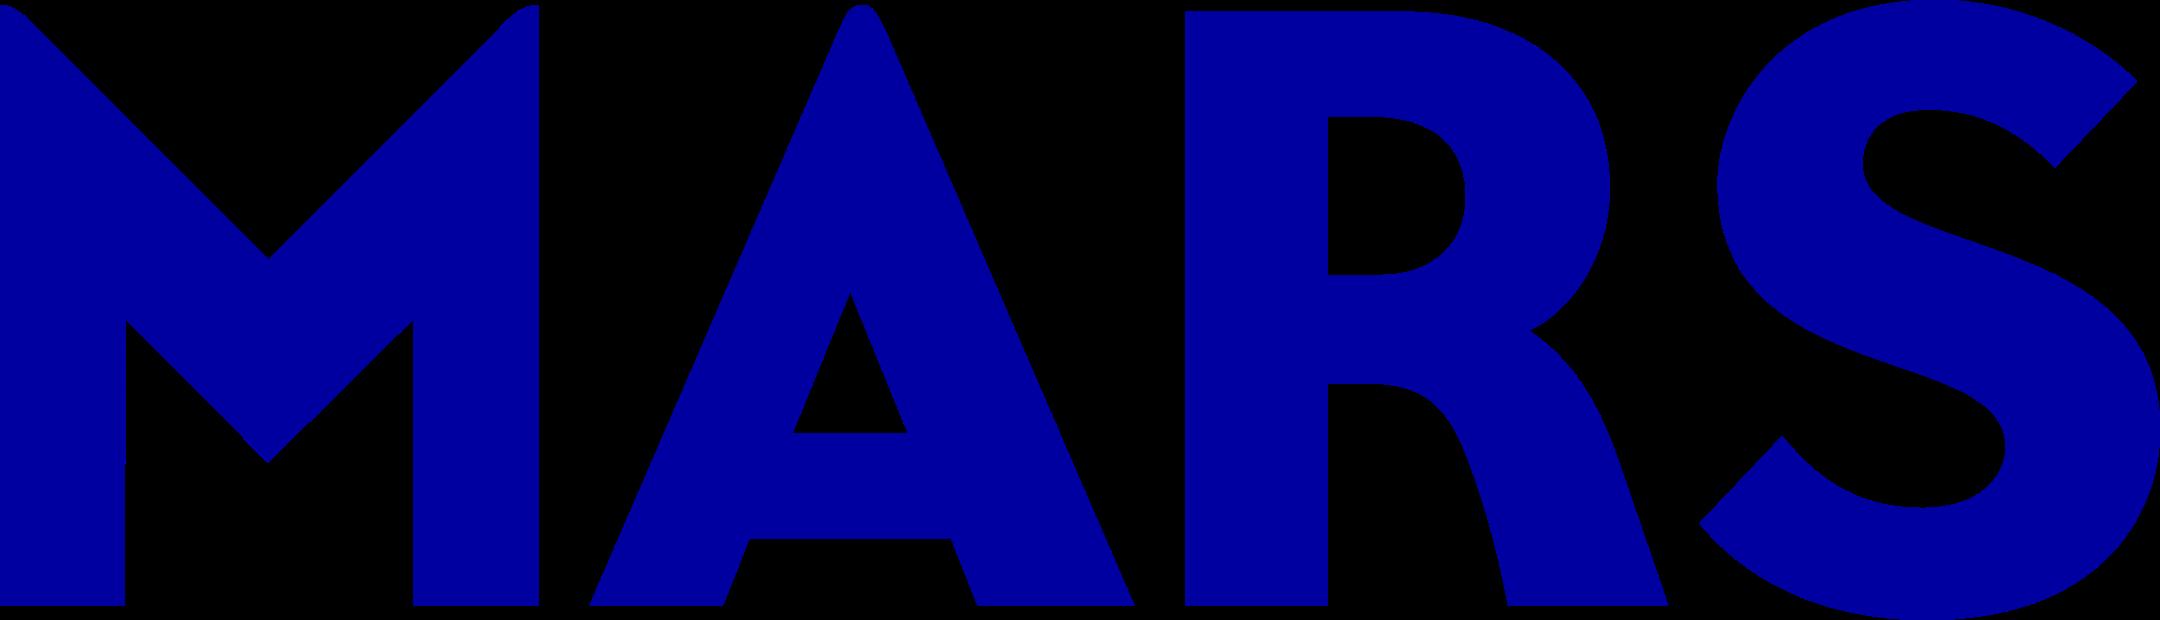 mars logo 1 - MARS Logo